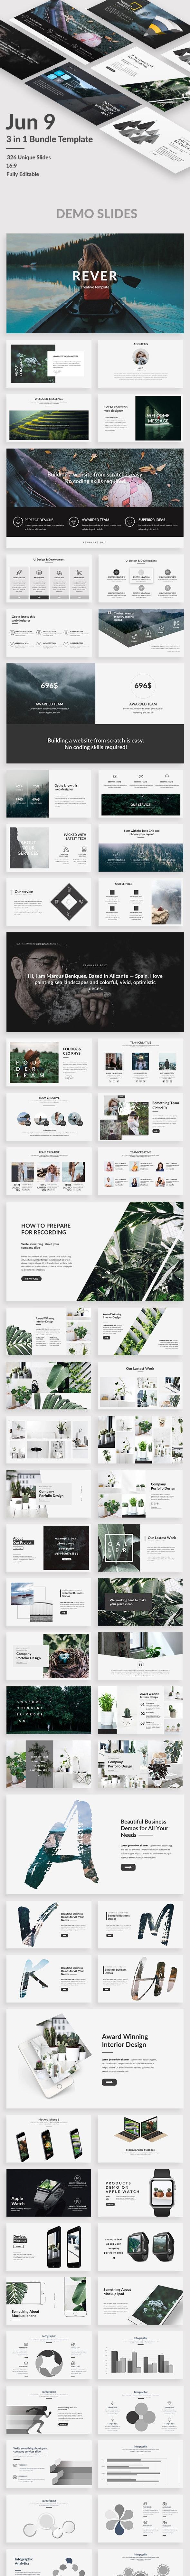 3 in 1 Creative Bundle - Jun 9 Premium Keynote Template - Creative Keynote Templates